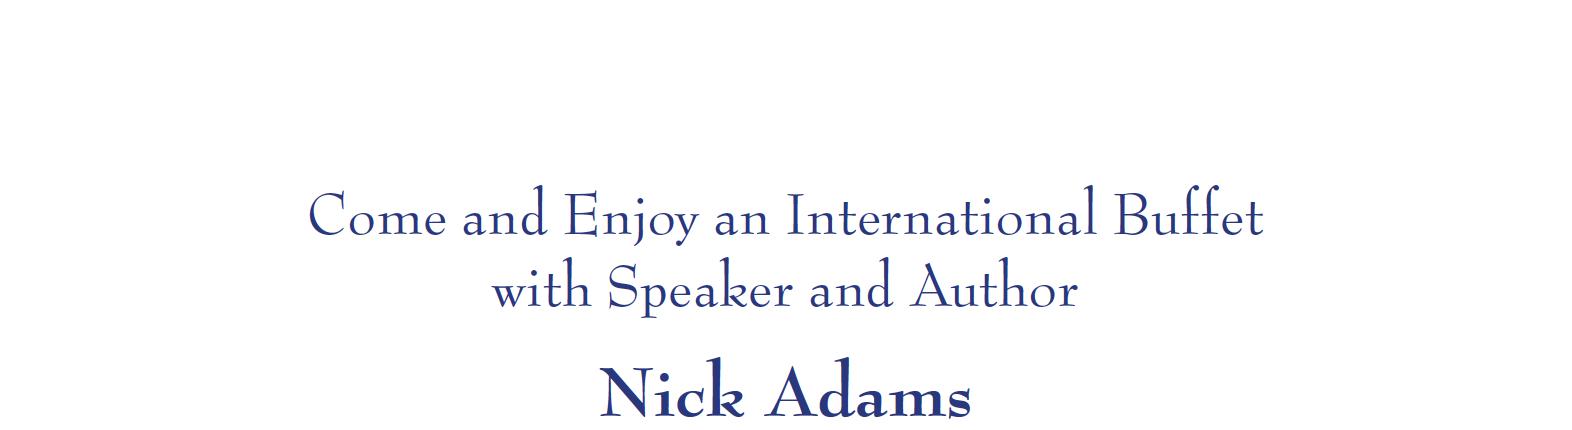 speaker_Nick_Adams_2018.jpg